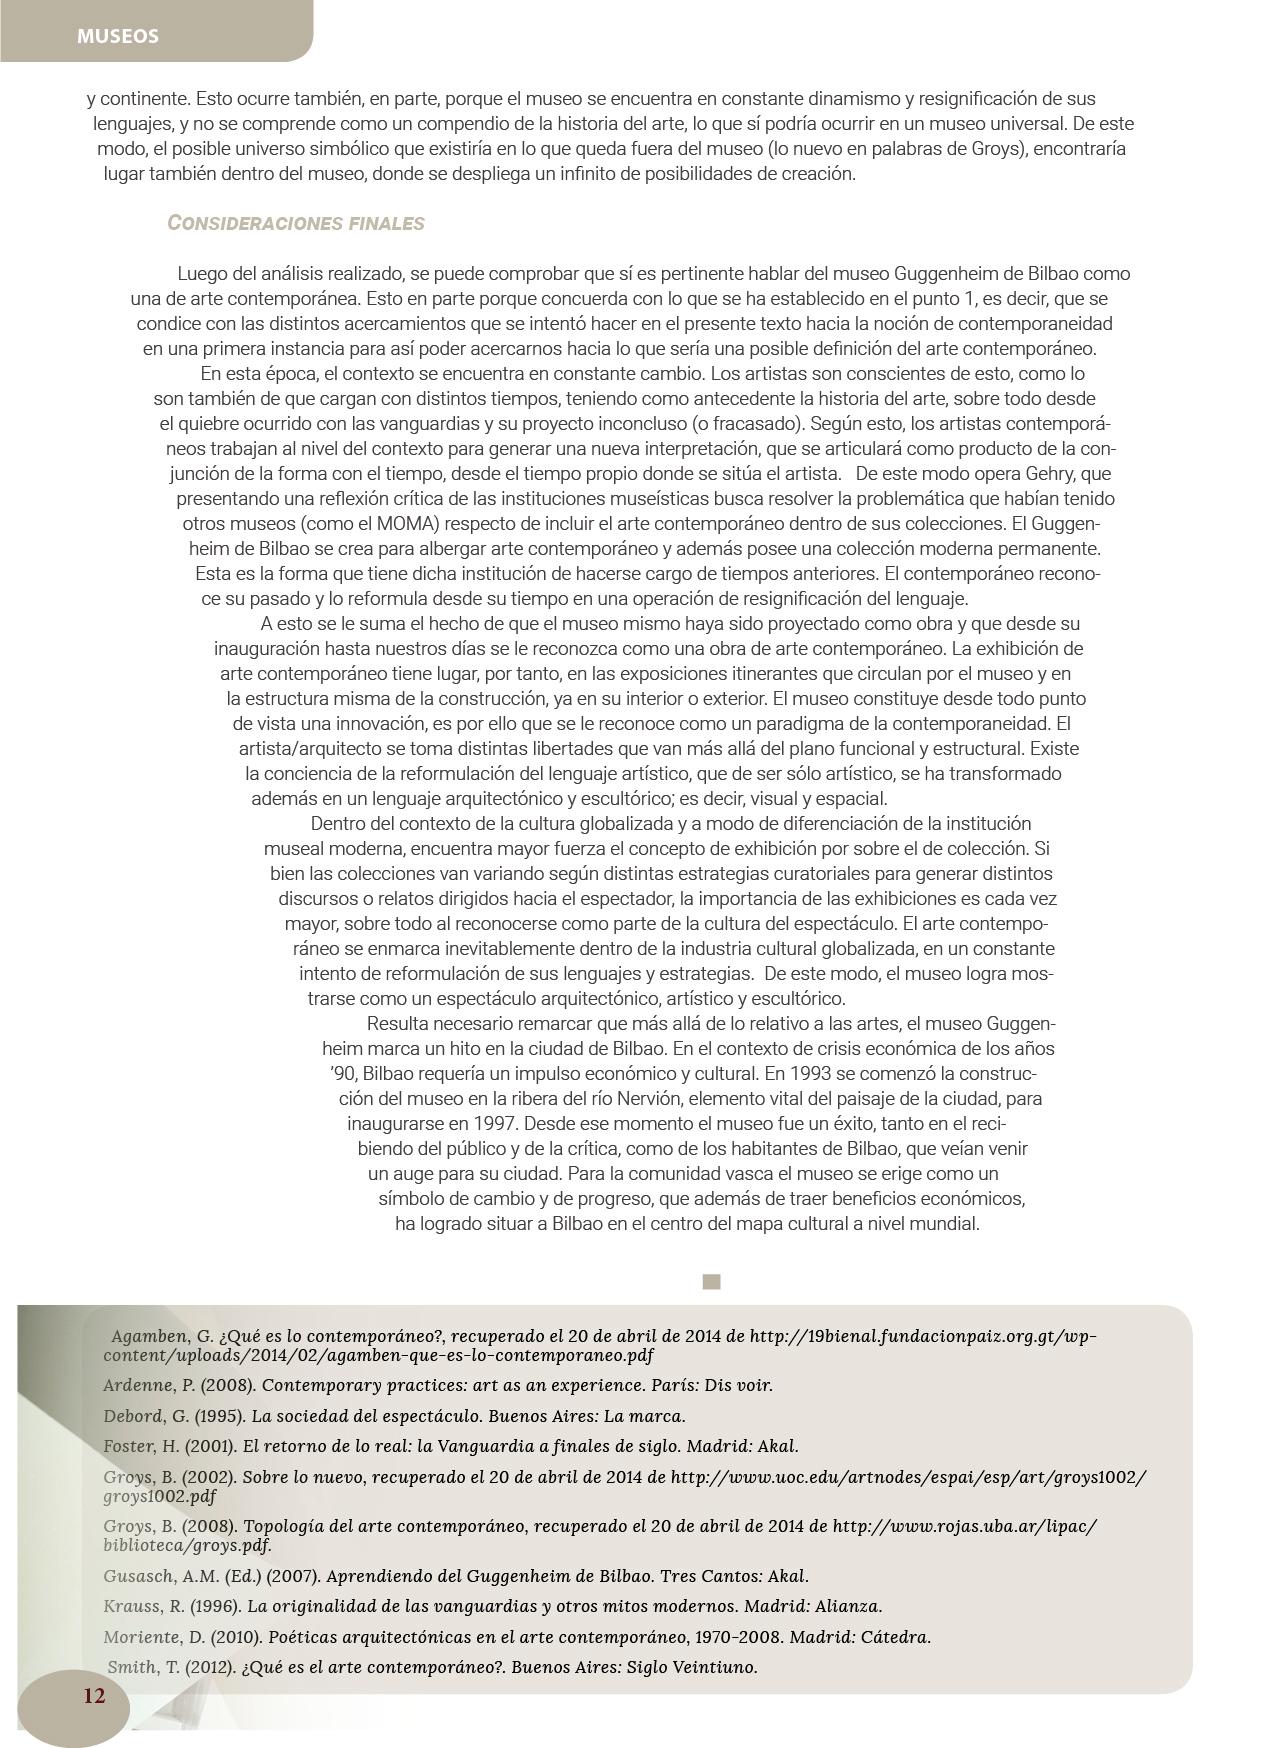 EL-CONTINENTE-SE-VUELVE-CONTENIDO-pag-12